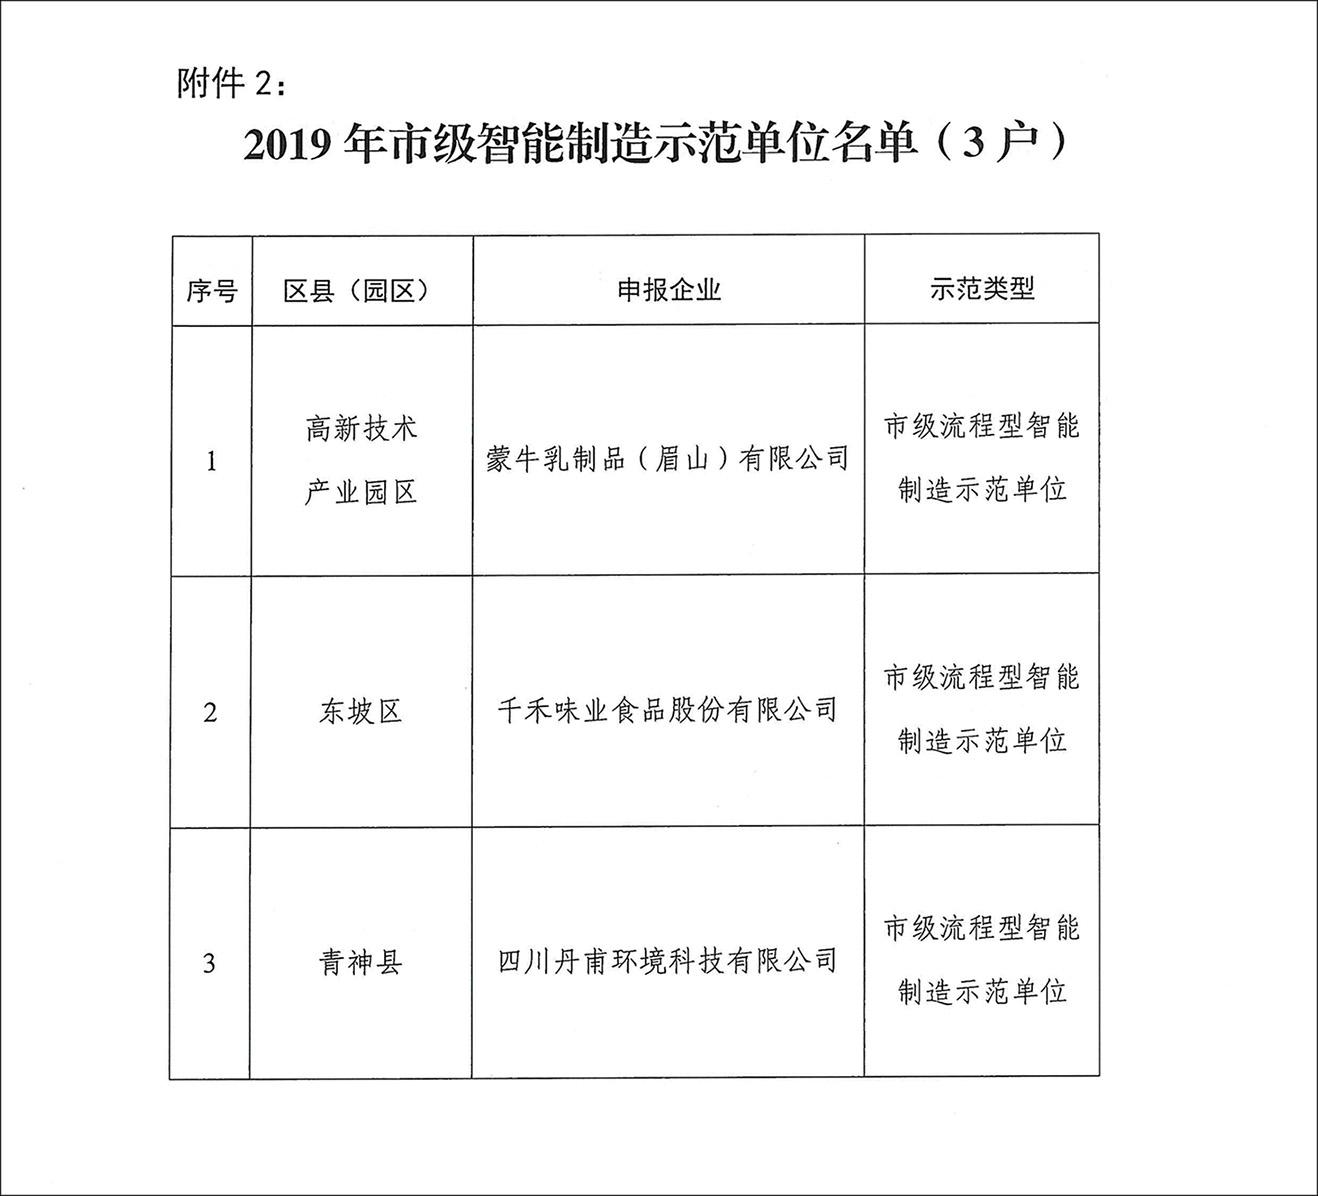 关于公布眉山市2019年绿色制造示范单位和智能制造示范单位名单的通知-4.jpg